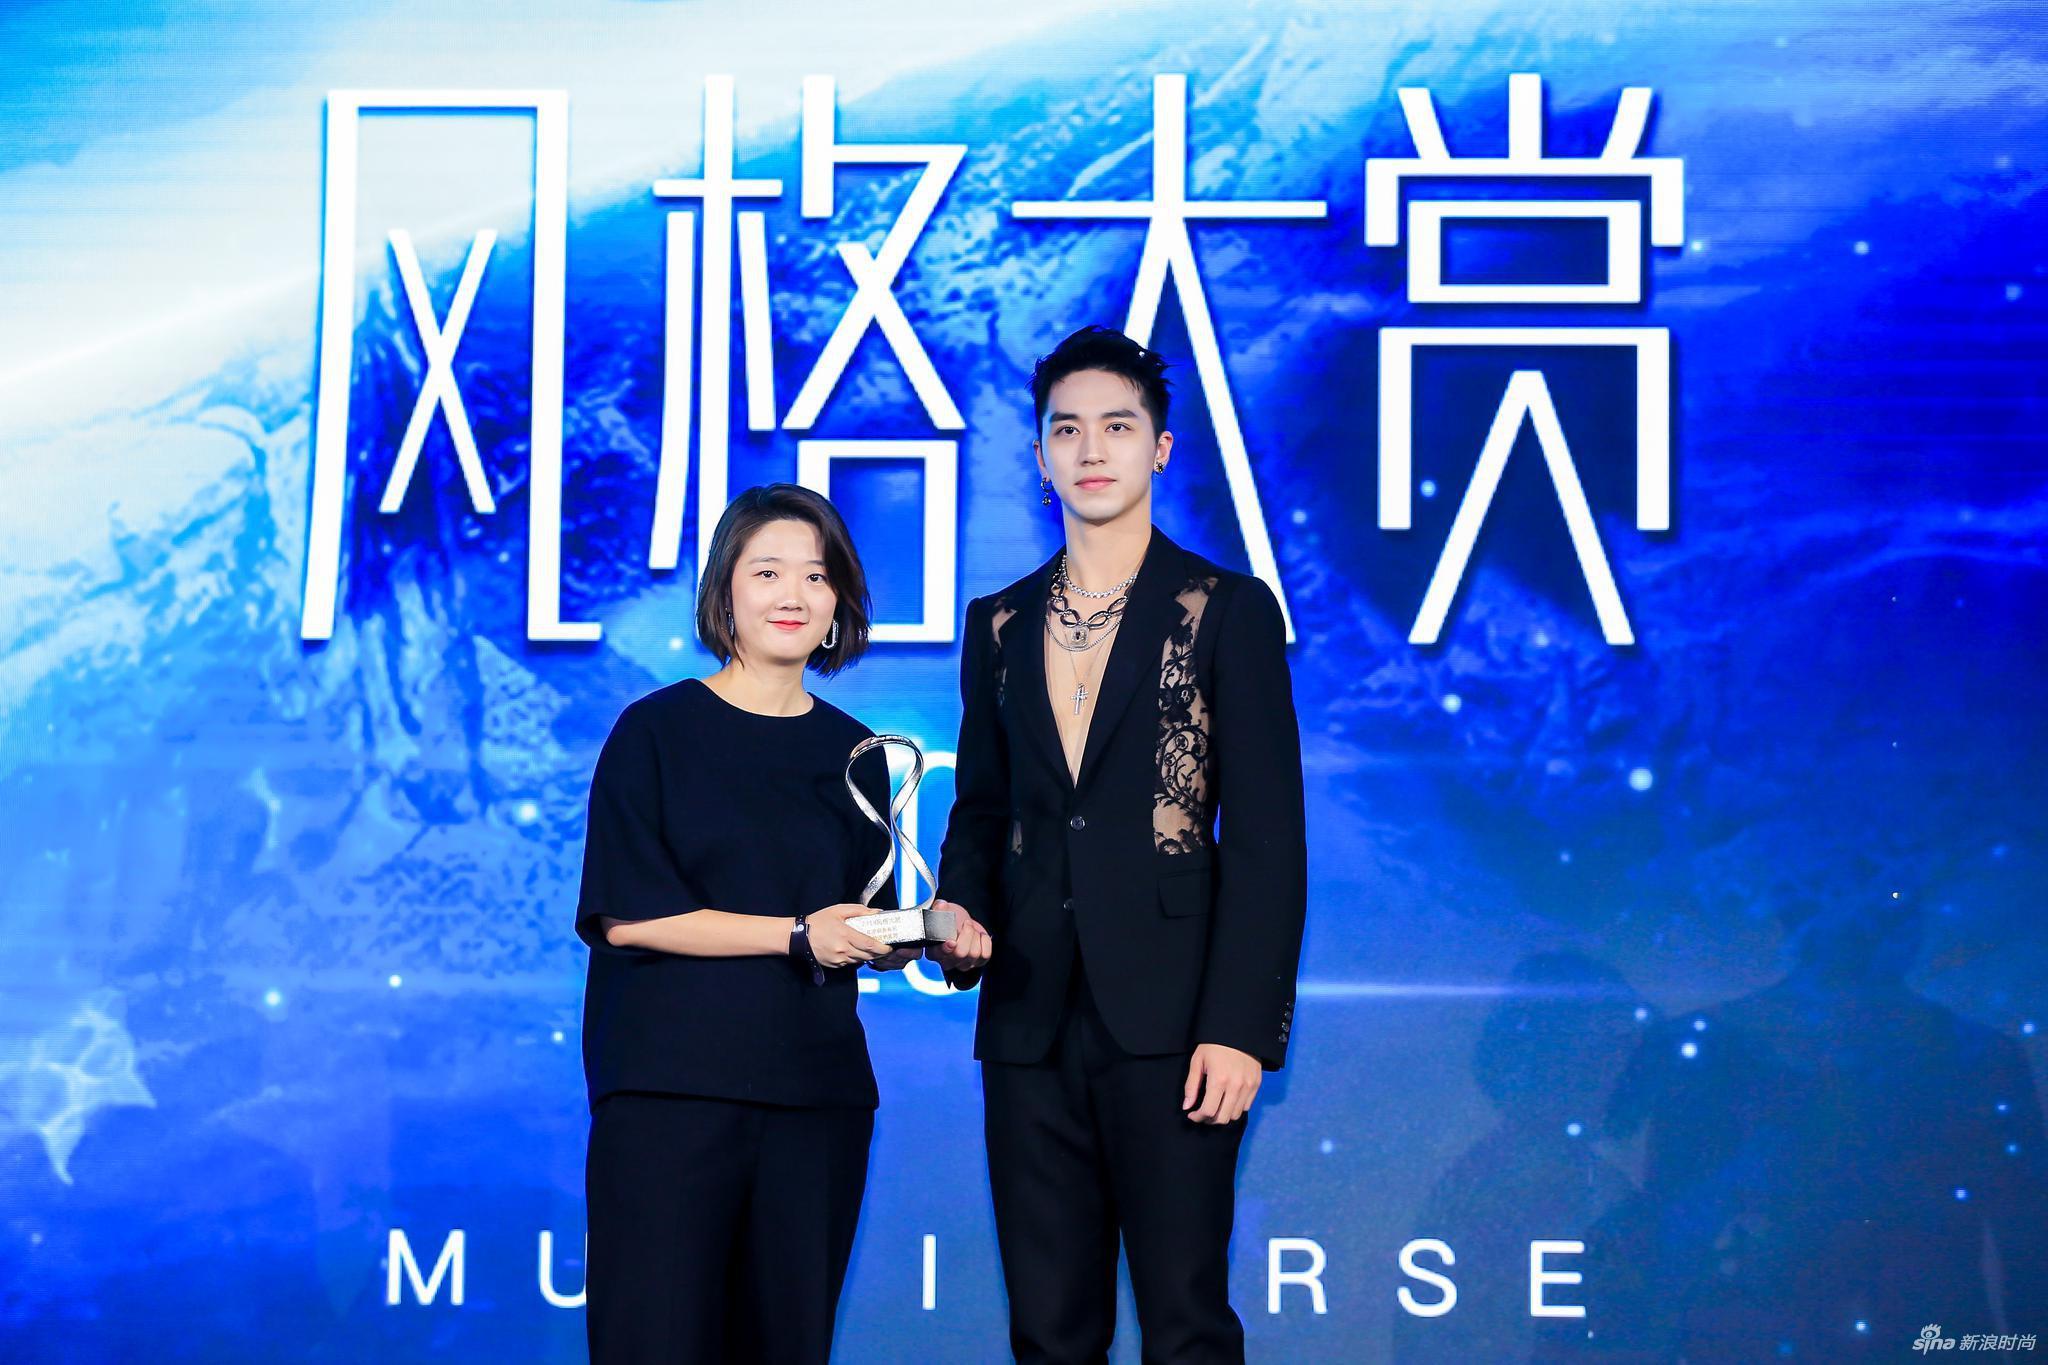 青年演员、歌手许魏洲为领奖嘉宾天梭表中国区市场总监张冰妮女士颁奖